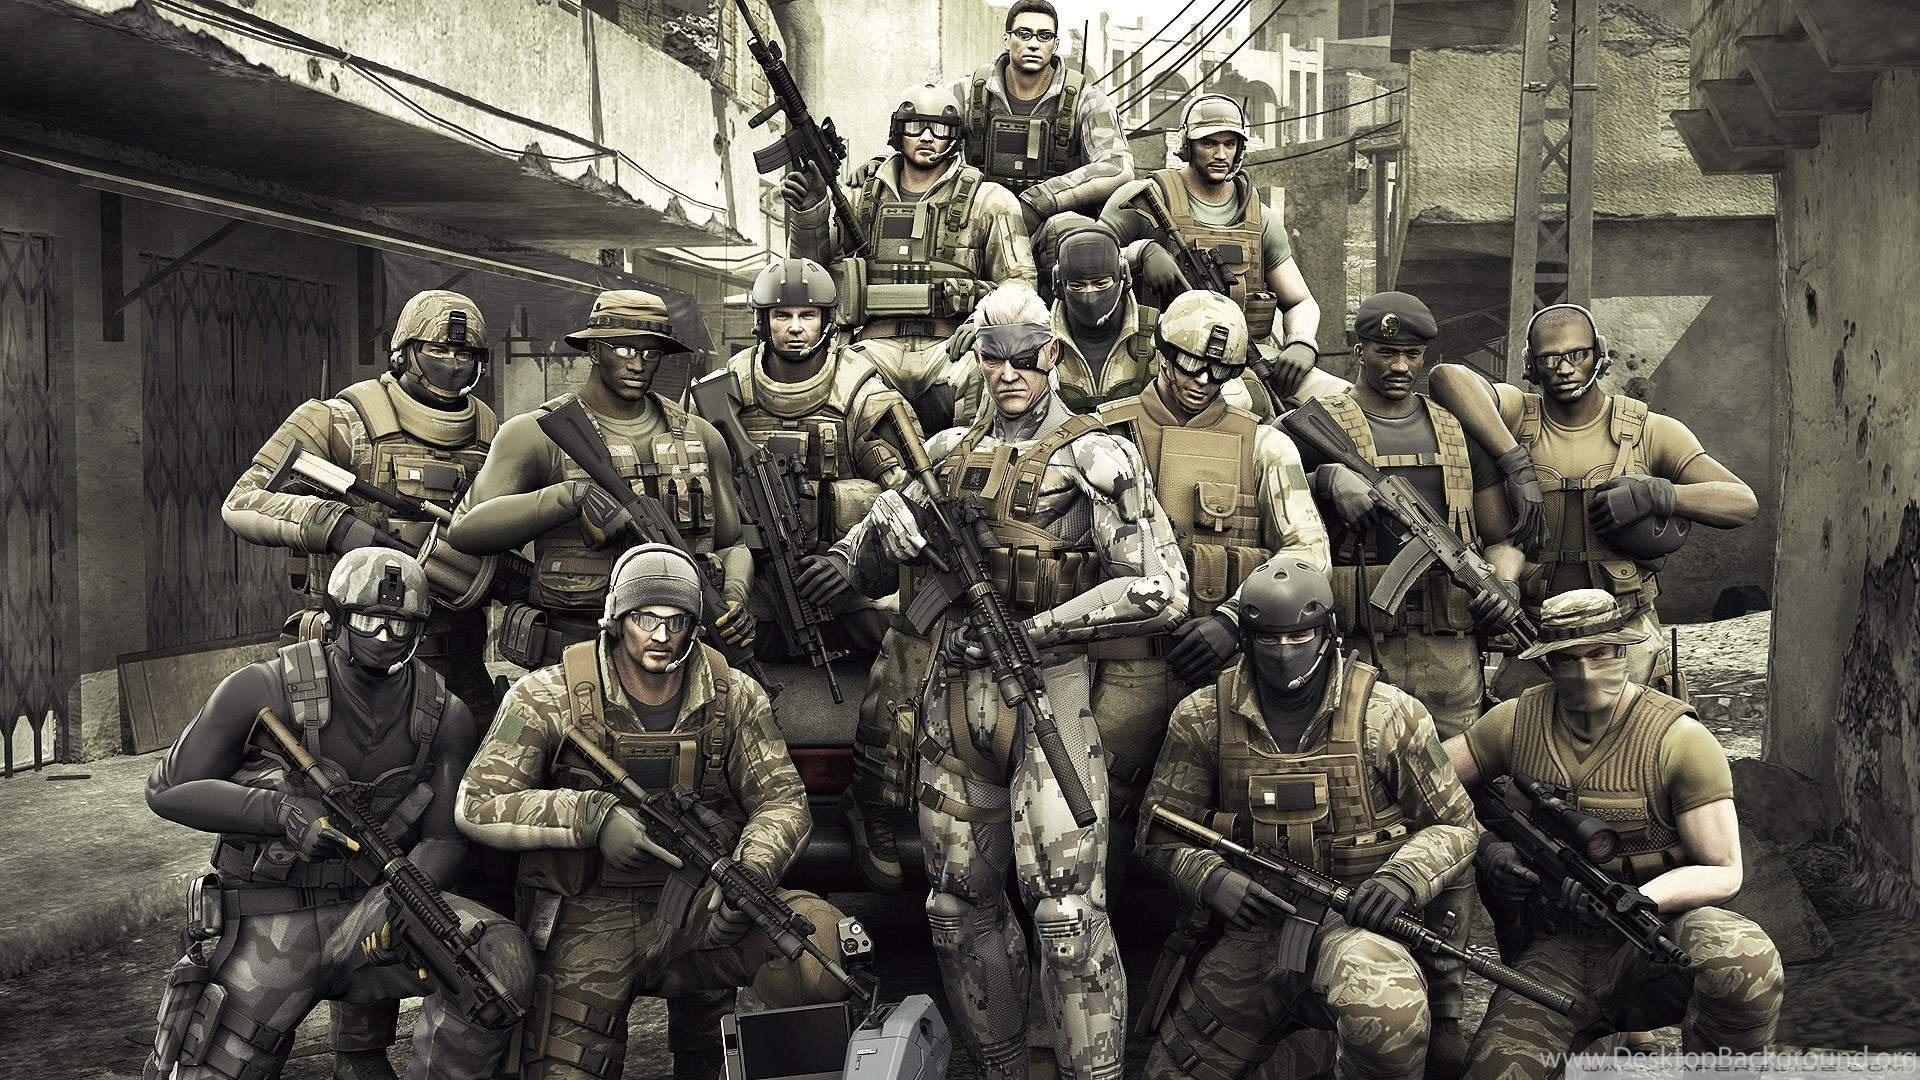 Metal Gear Solid 4 Wallpapers 1920x1080 Desktop Background